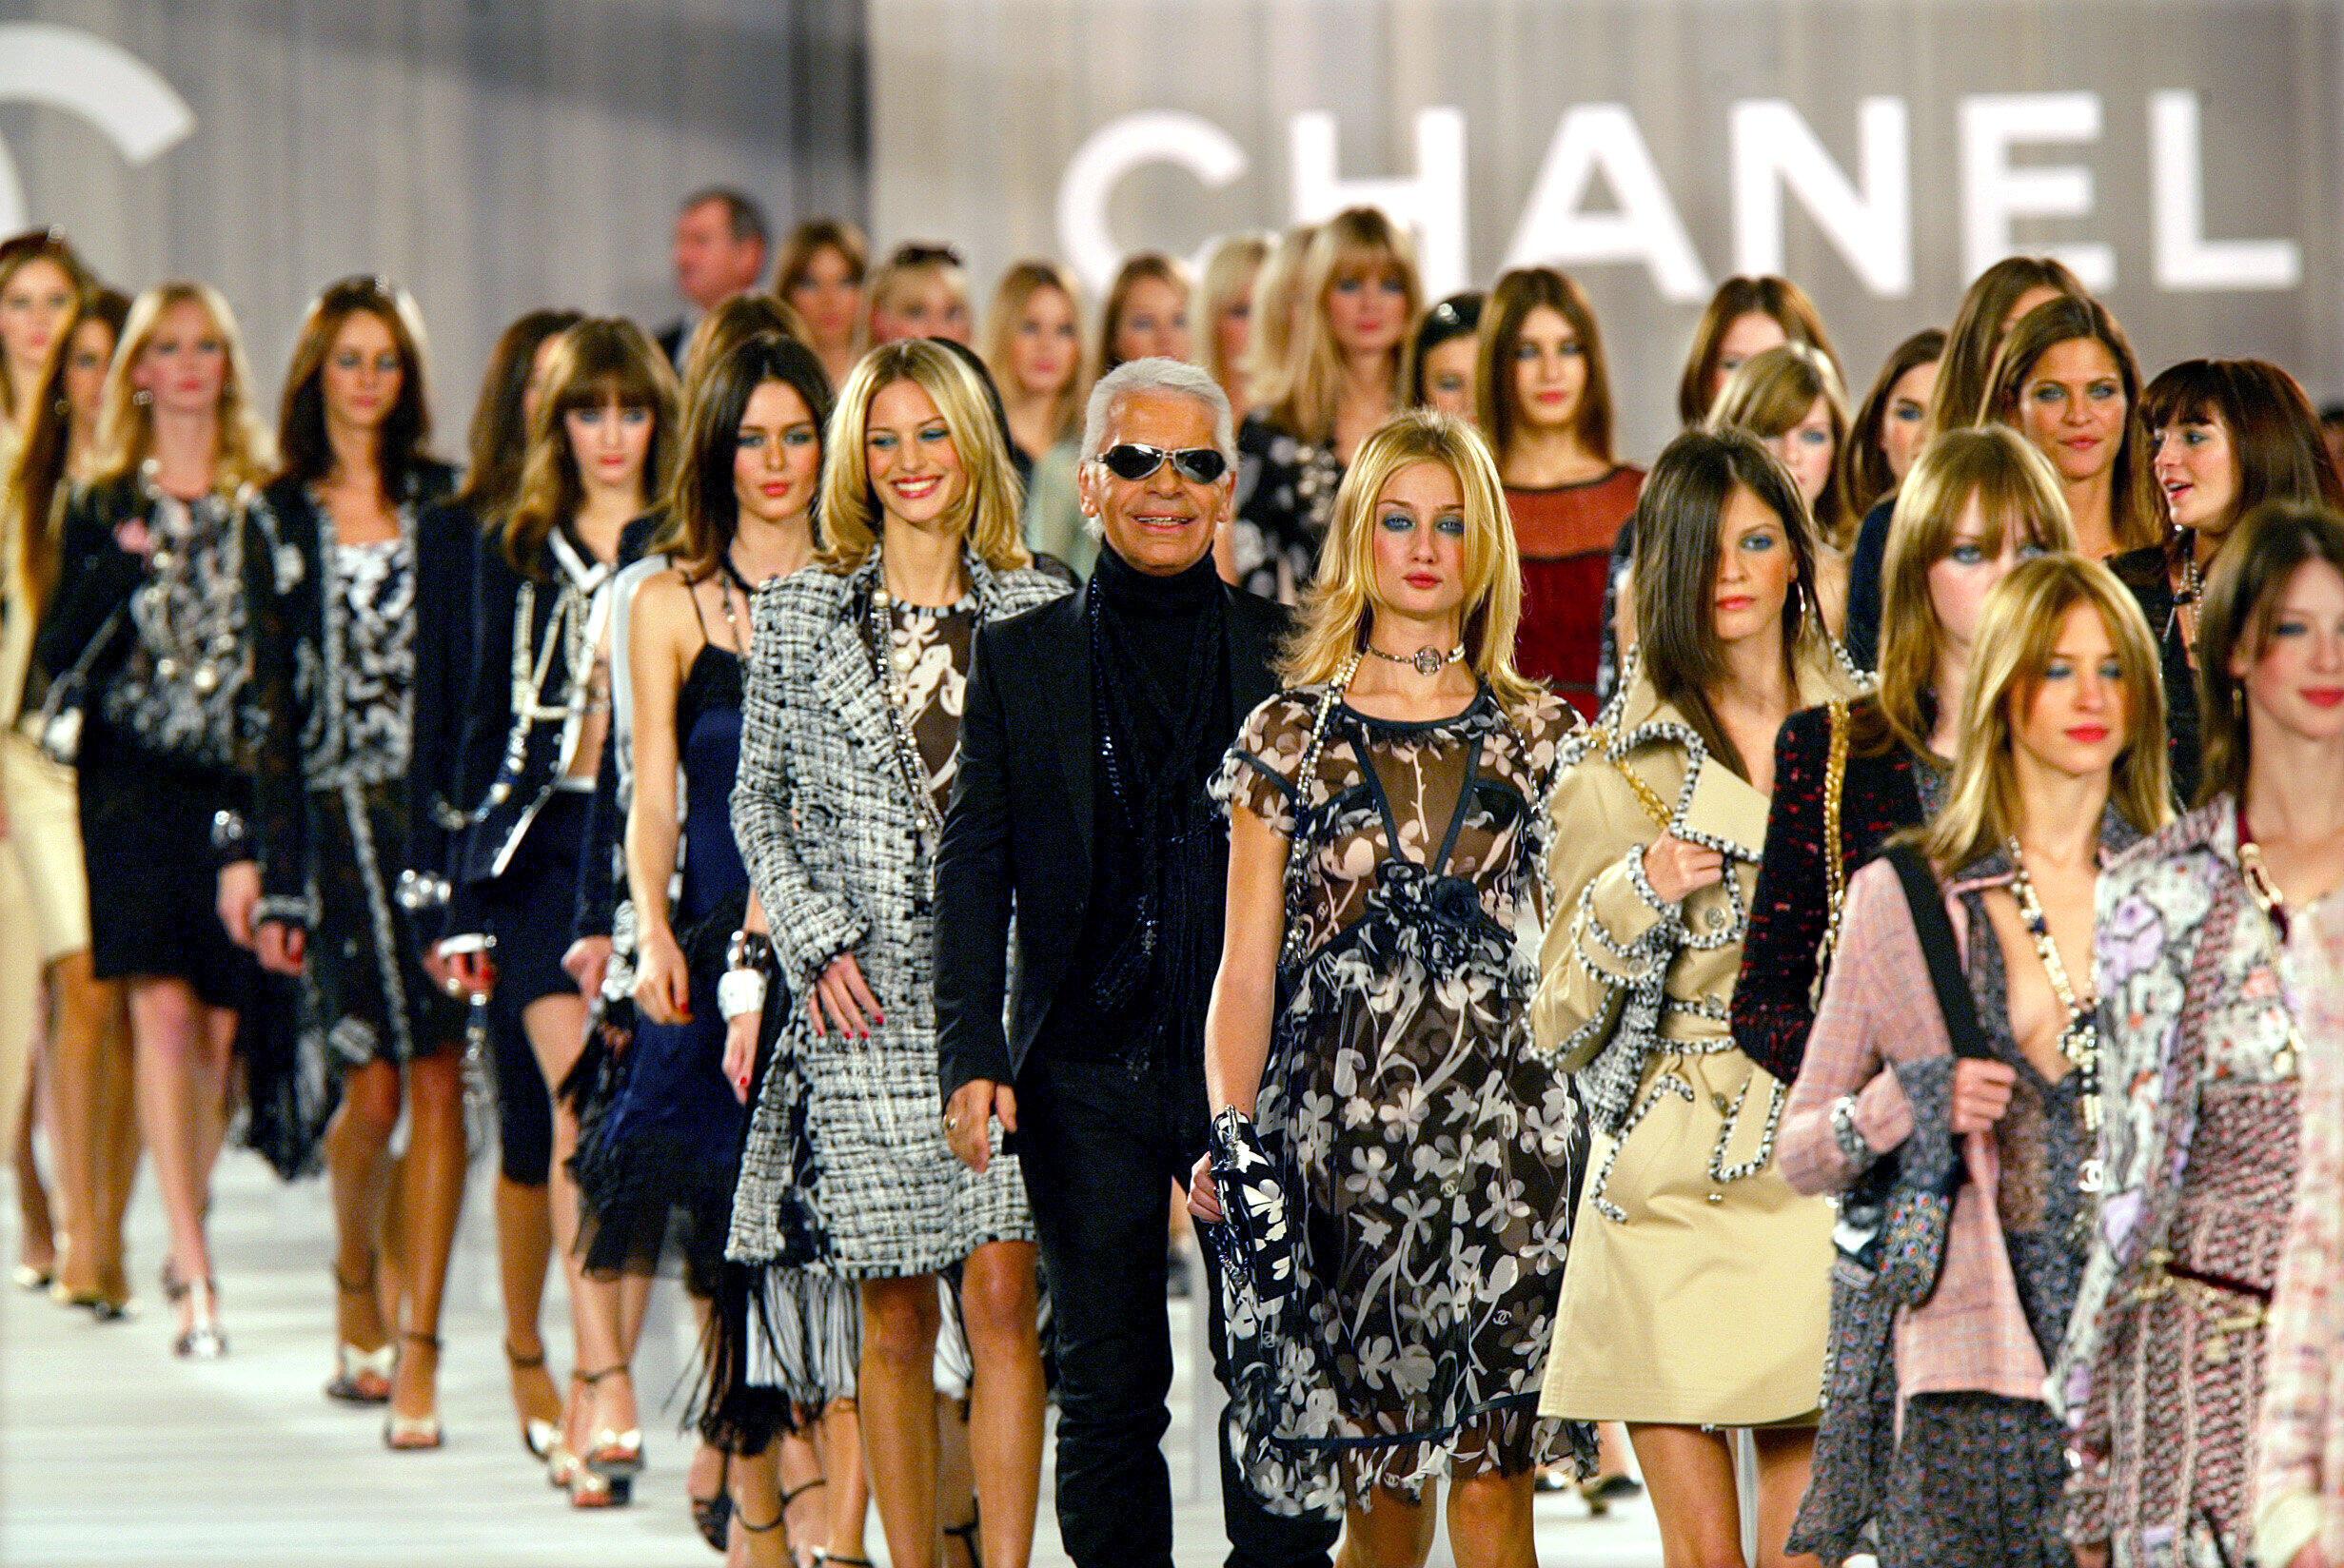 Kark Lagerfeld nhân đợt biểu diễn thời trang Chanel tại Paris tháng 10/2003